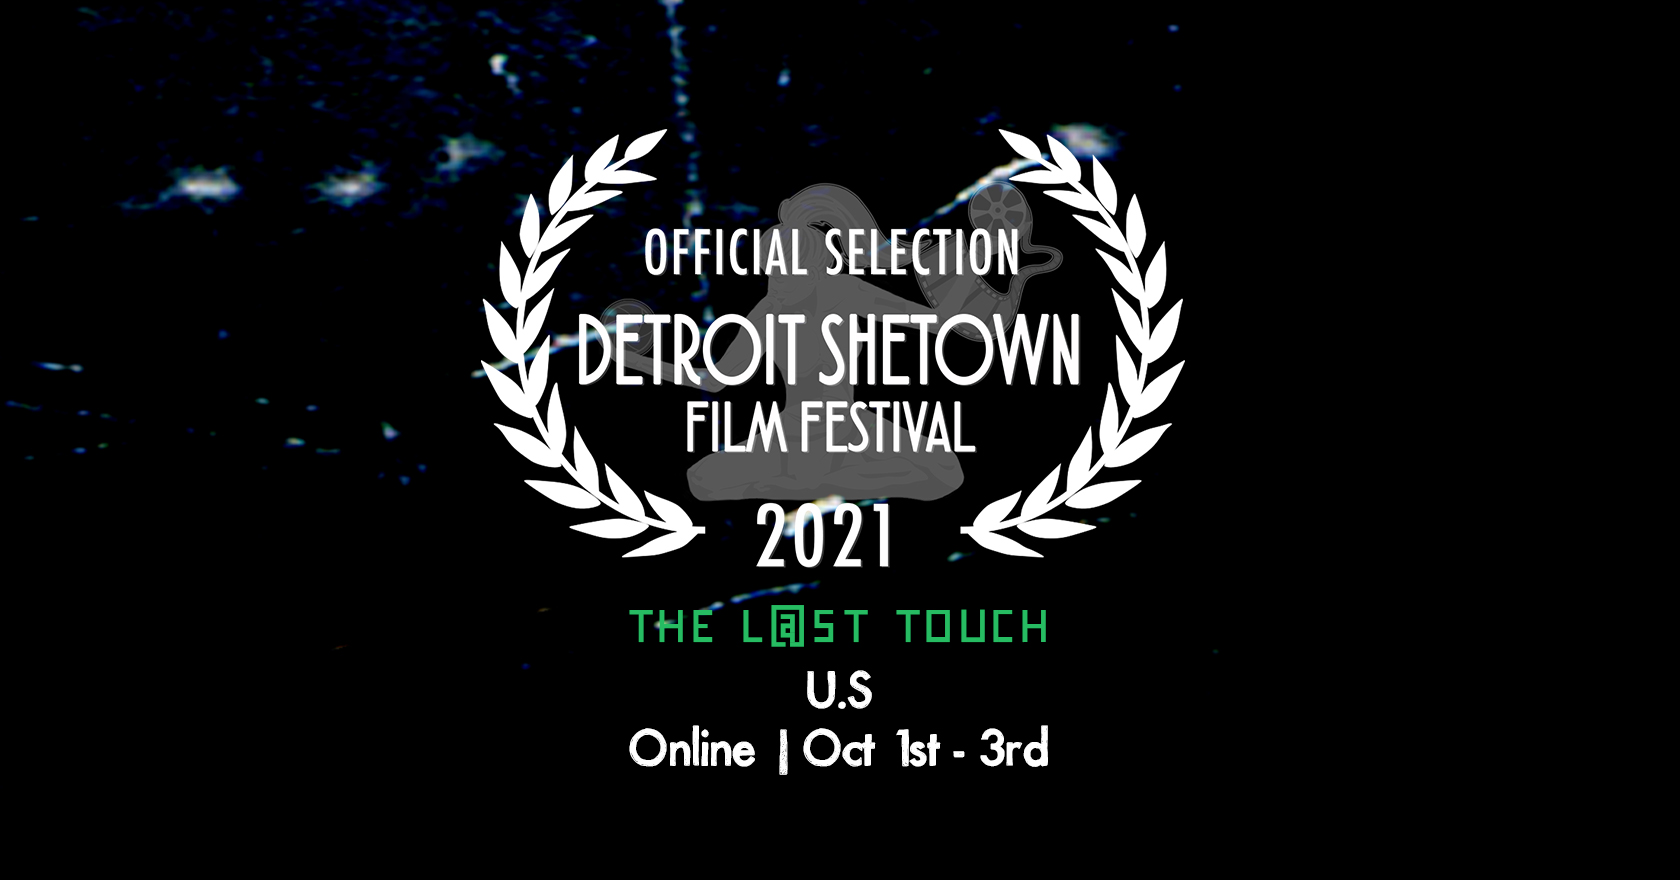 Detroit Shetown Film Festival 2021 | October 1-3